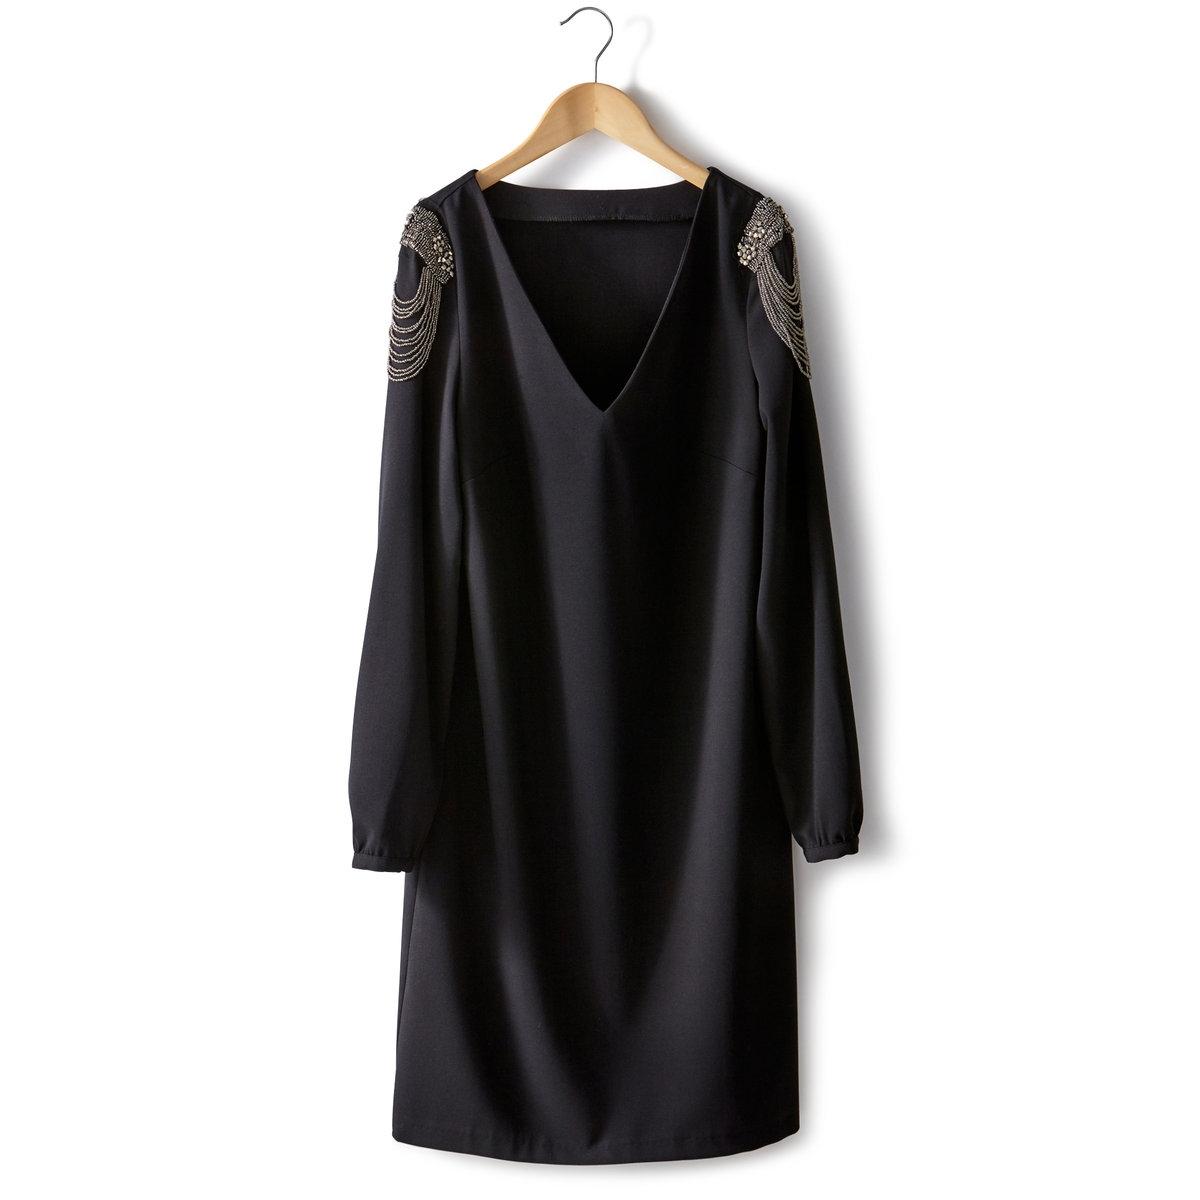 Платье с декоративной отделкой Soft GreyПлатье с декоративной отделкой Soft Grey. V-образный вырез. Длинные рукава с декоративной отделкой бахромой на плечах. 62% полиэстера, 33% вискозы, 5% эластана. Длина 90 см.<br><br>Цвет: черный<br>Размер: 40 (FR) - 46 (RUS)